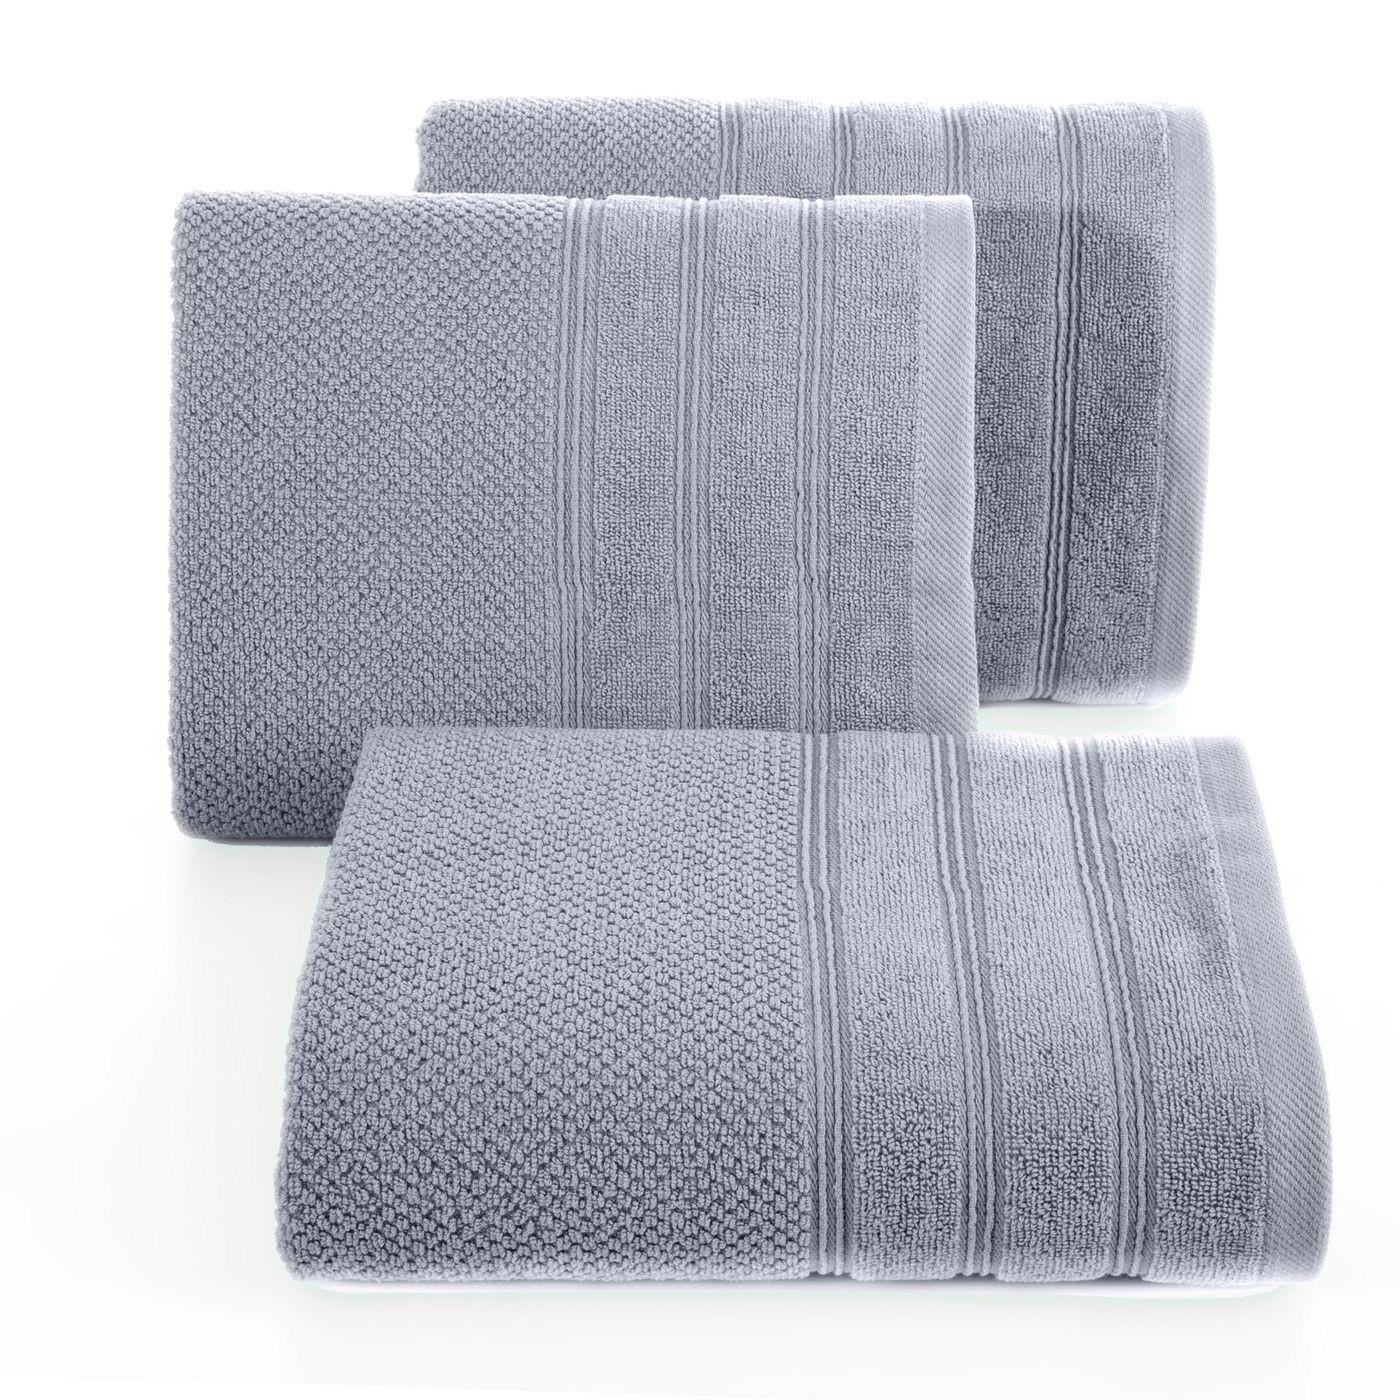 Bawełniany ręcznik kąpielowy frote srebrny 70x140